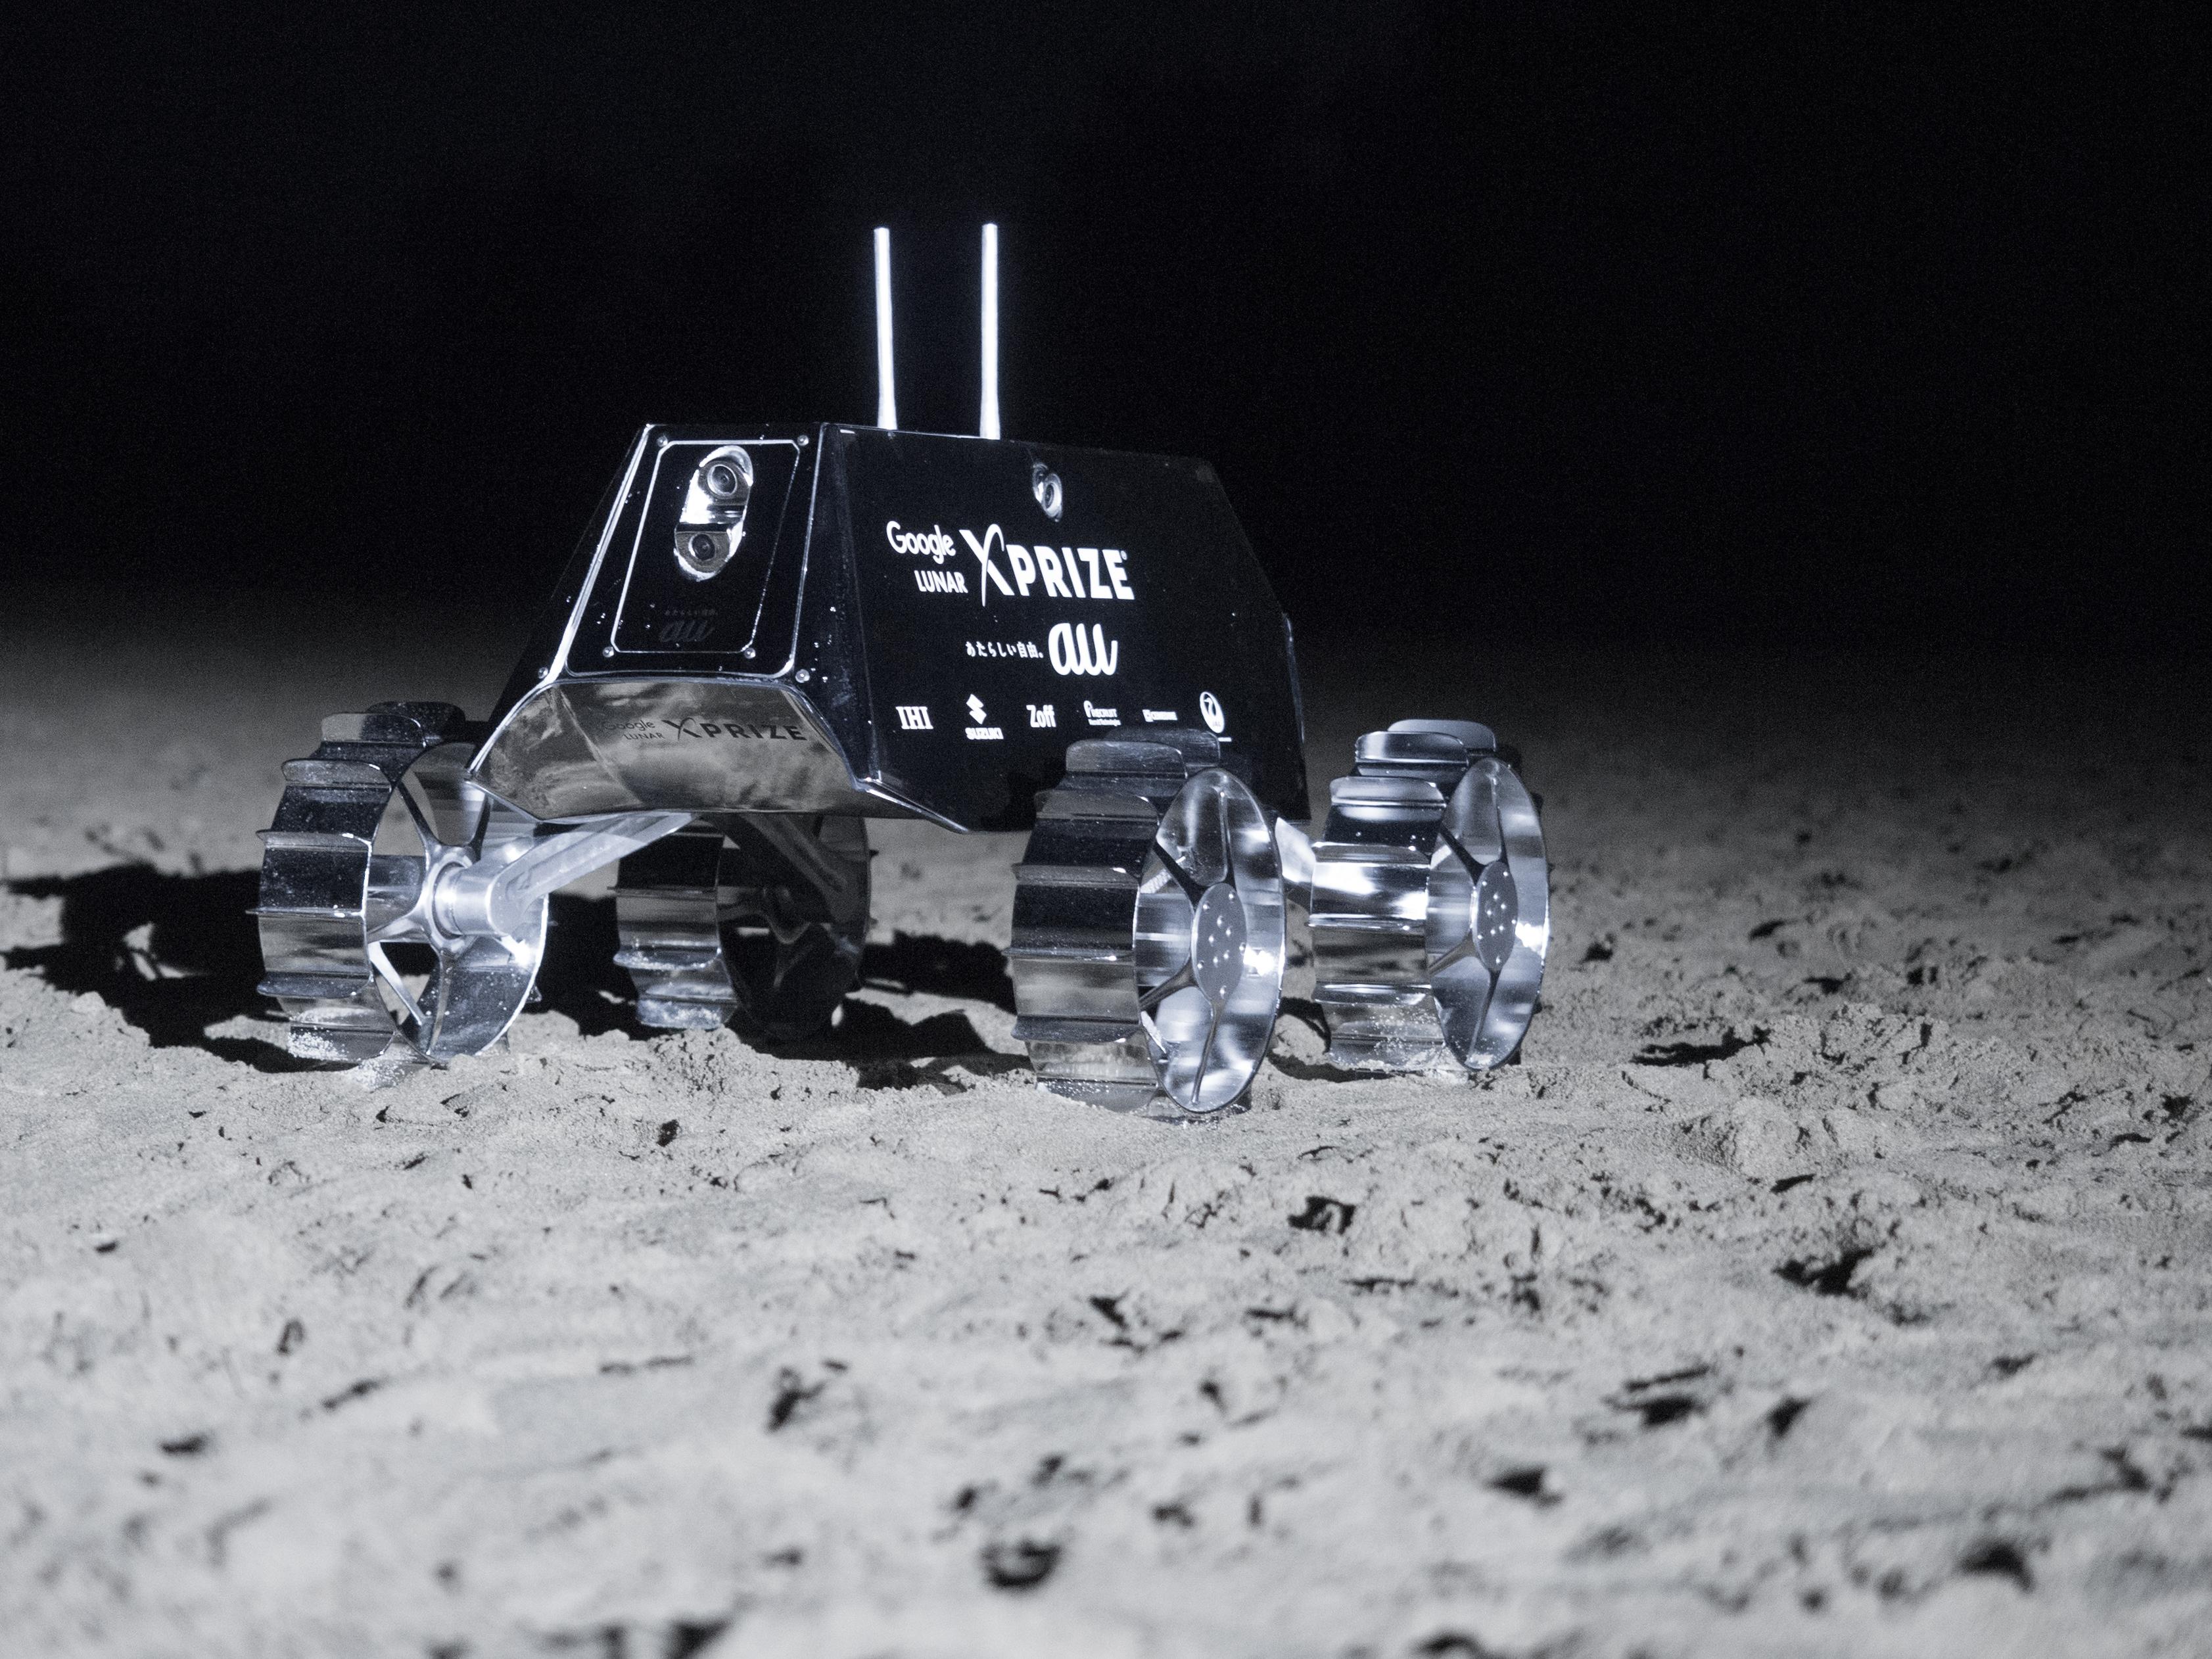 月ローバー「SORATO」